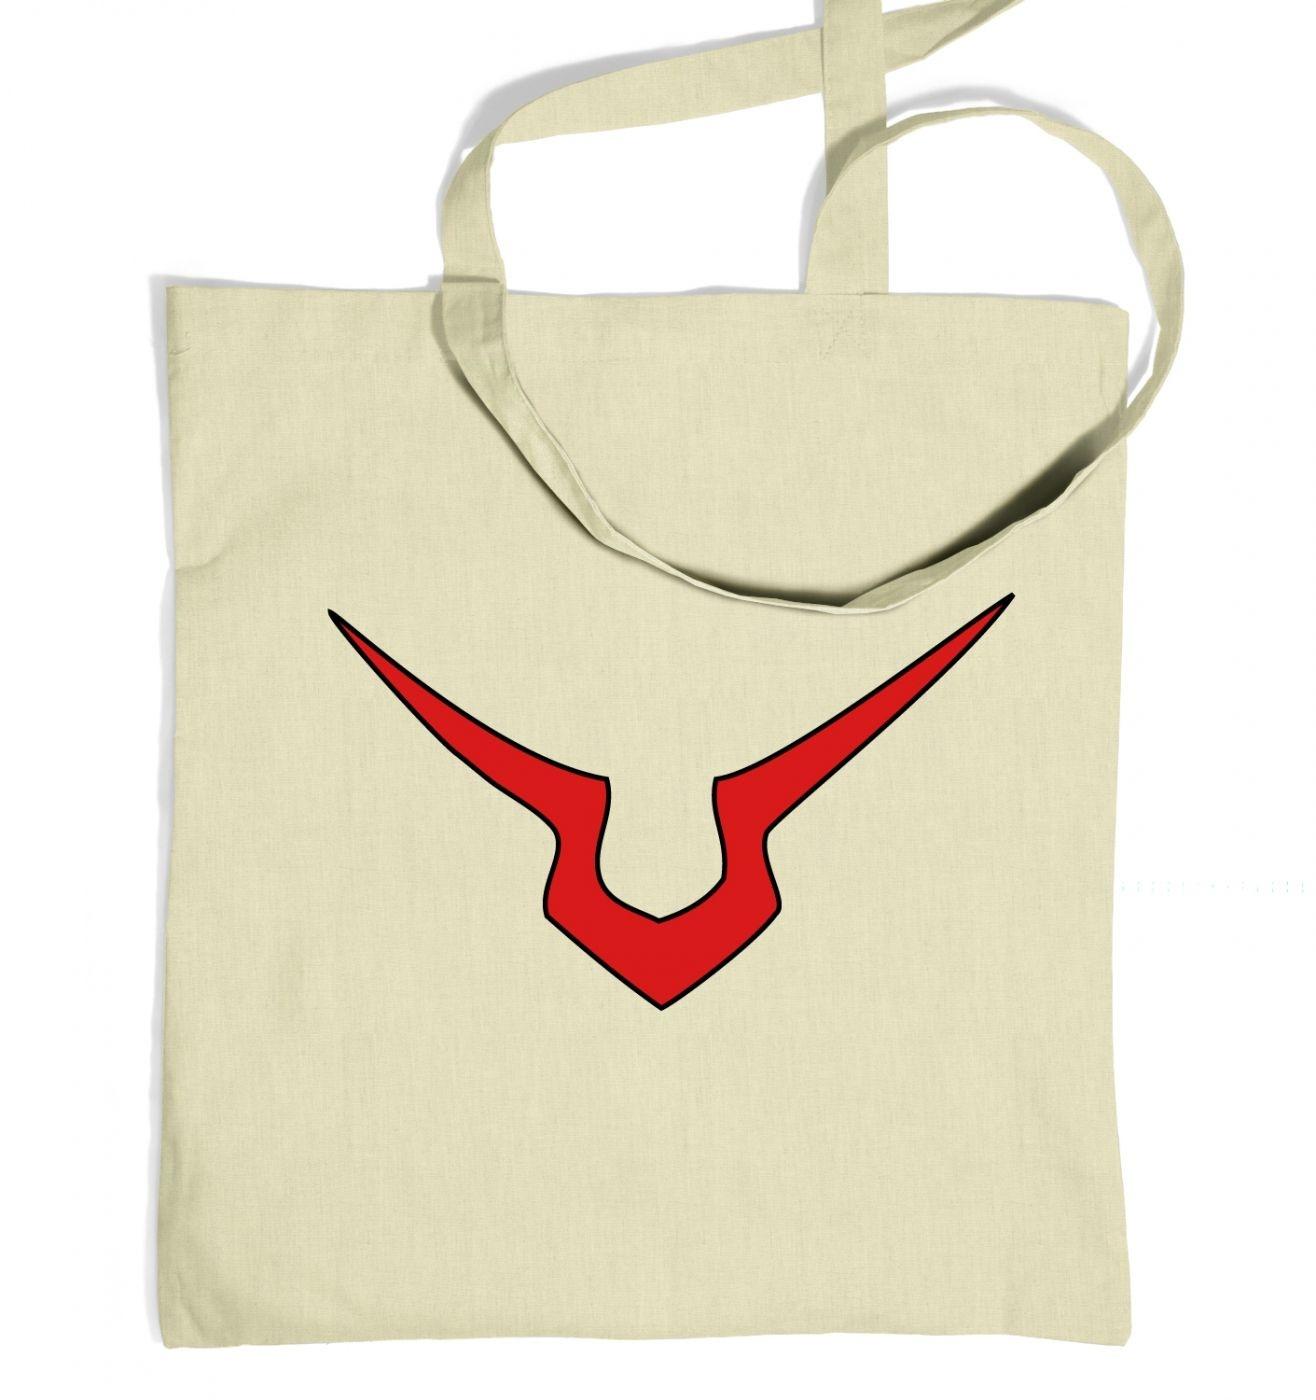 Geass Eye Symbol tote bag